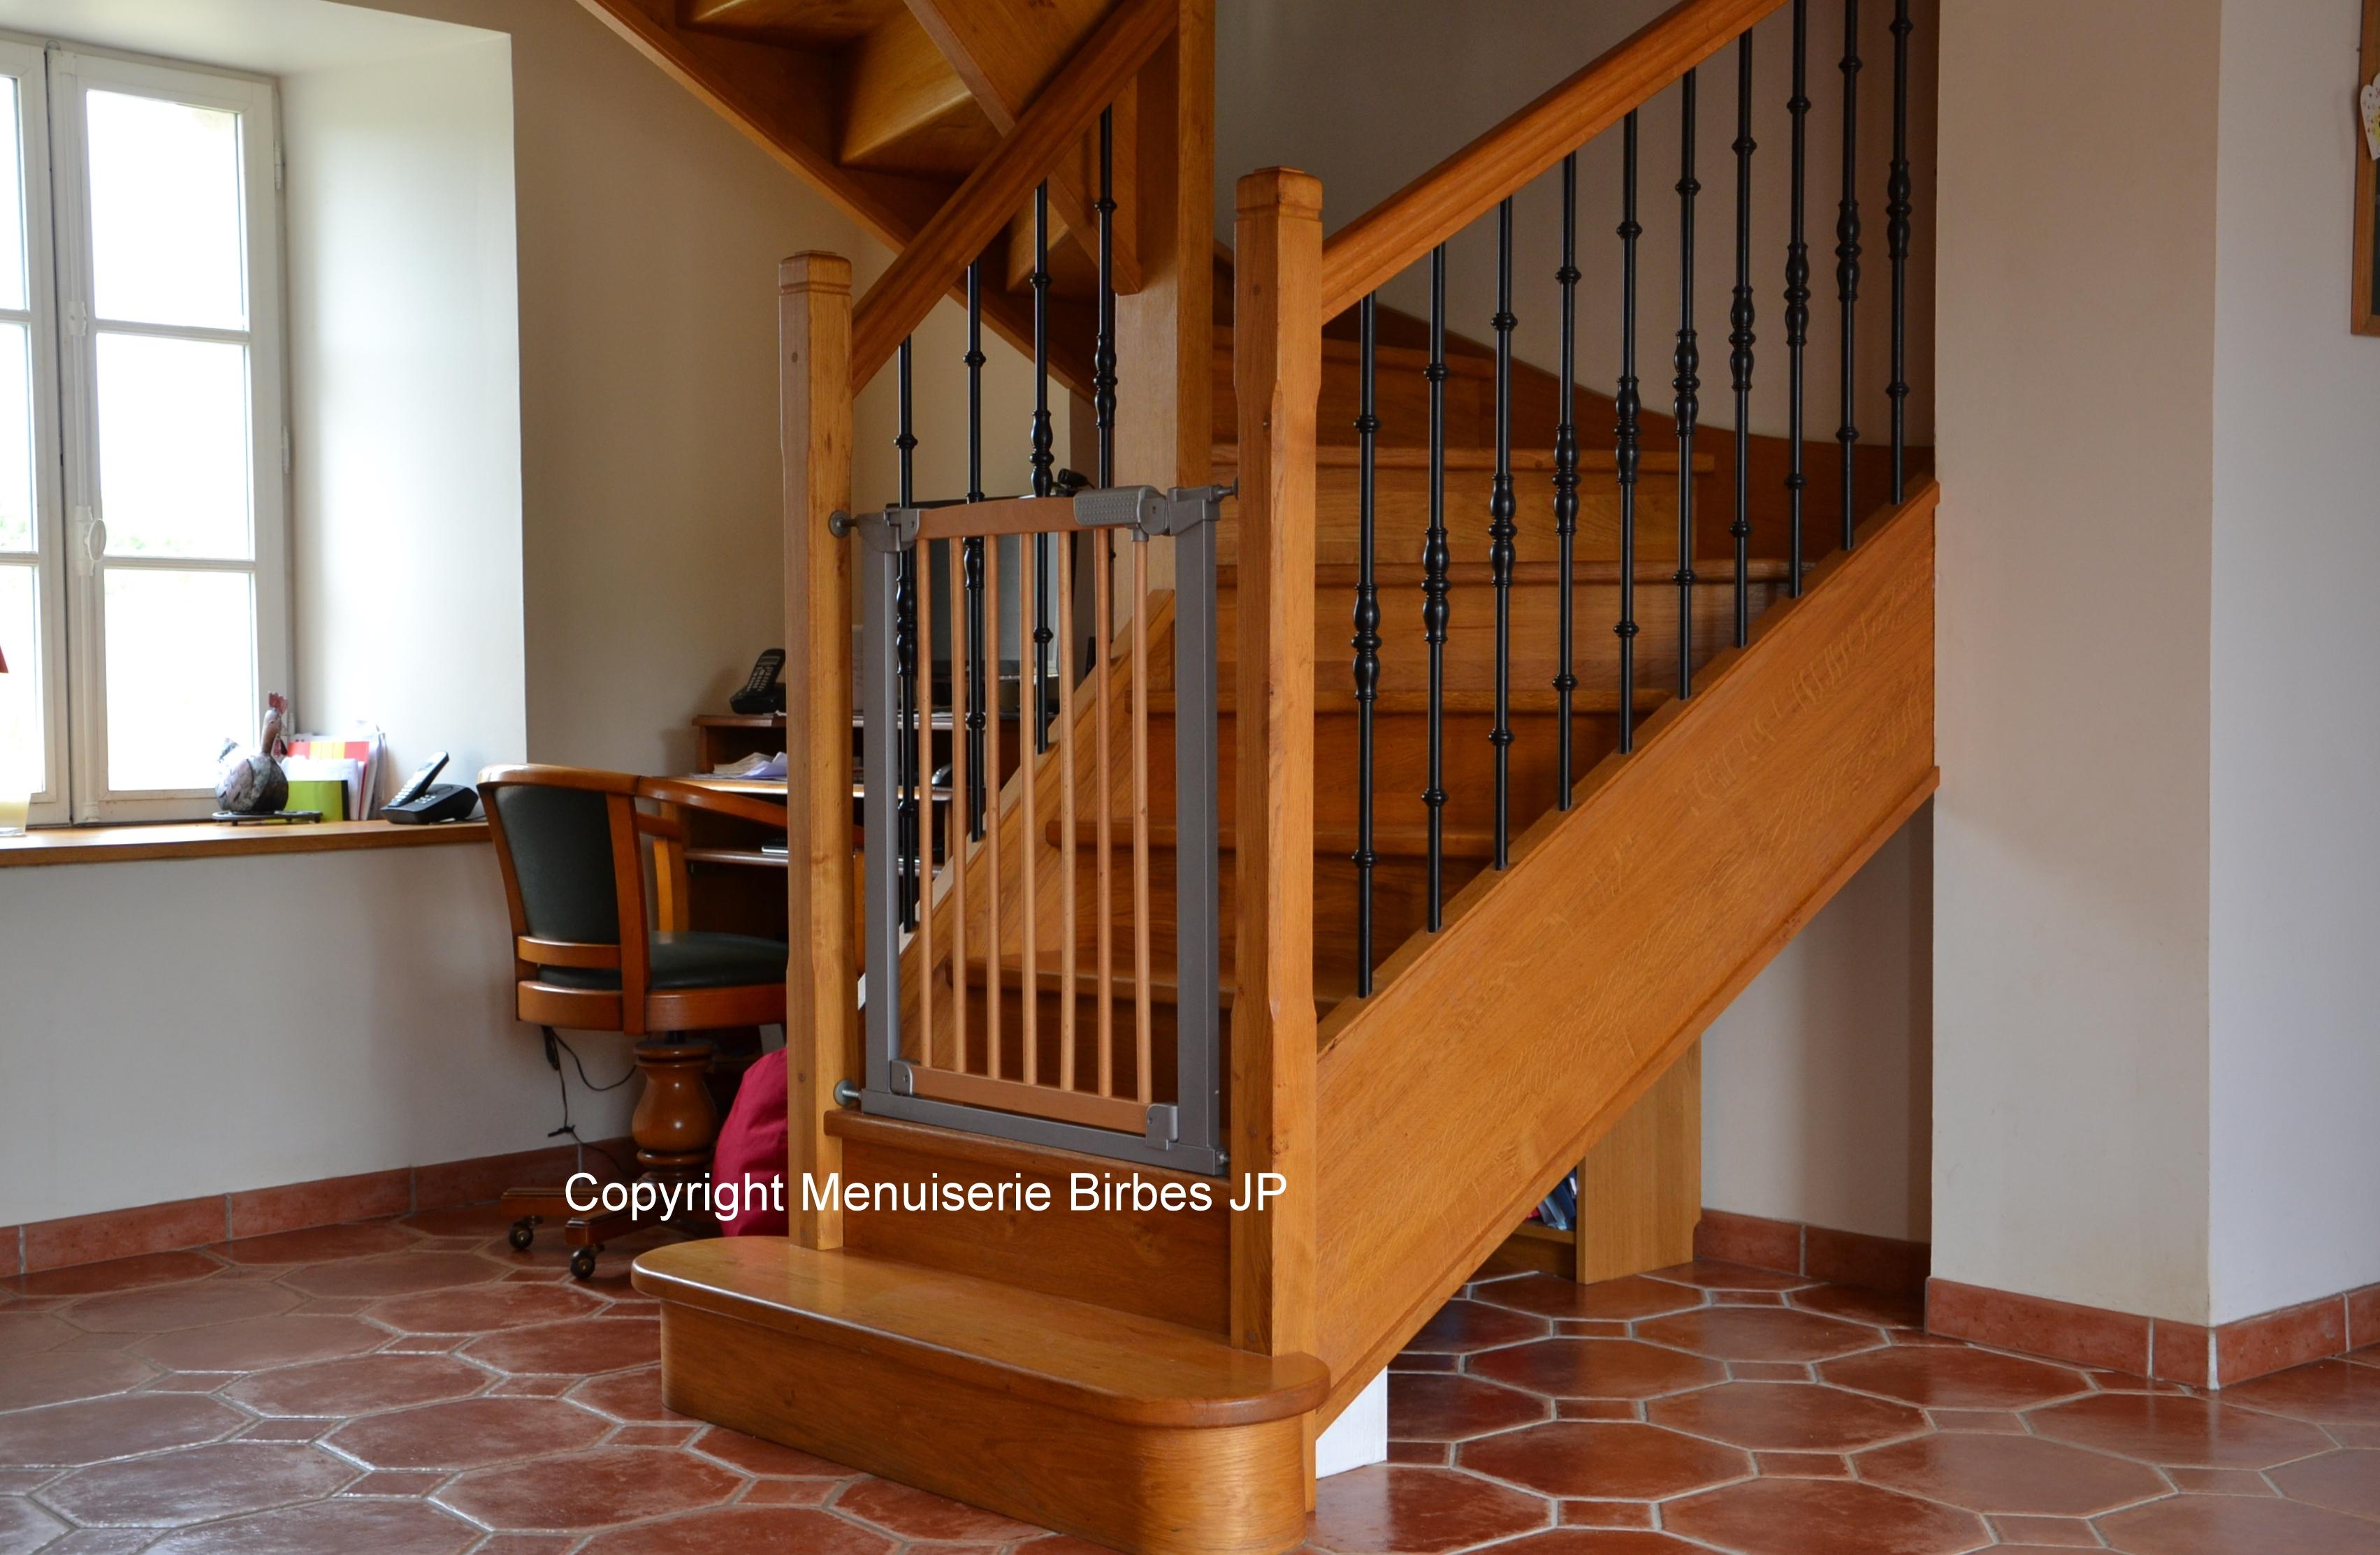 Escalier Bois Entre Deux Murs escalier - fanjeaux menuiserie jean pierre birbes